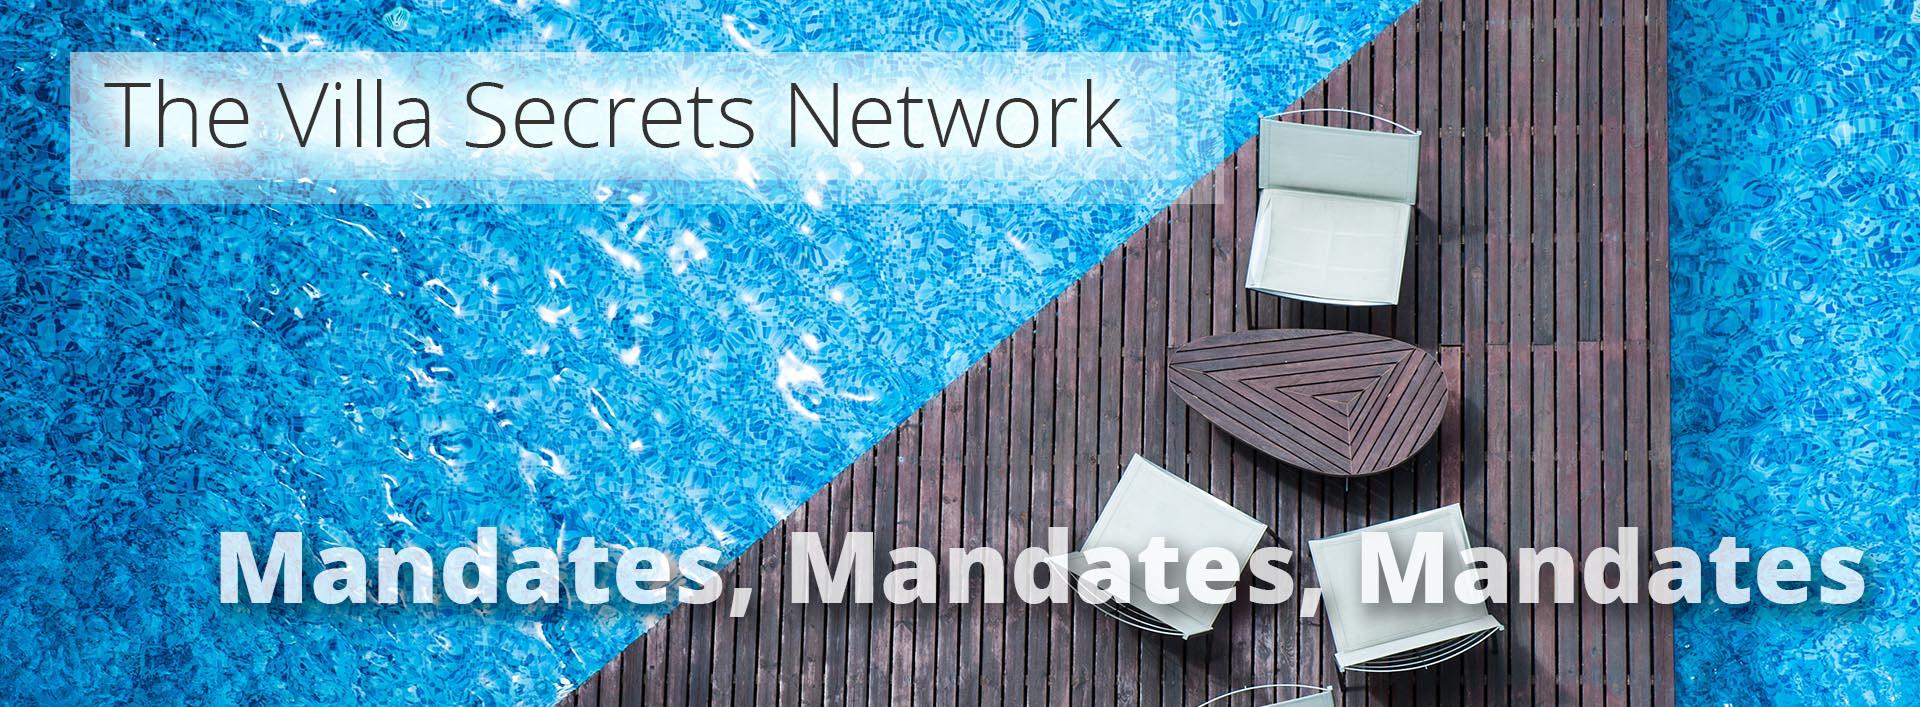 The villa secrets network - Mandates-Mandates-Mandates